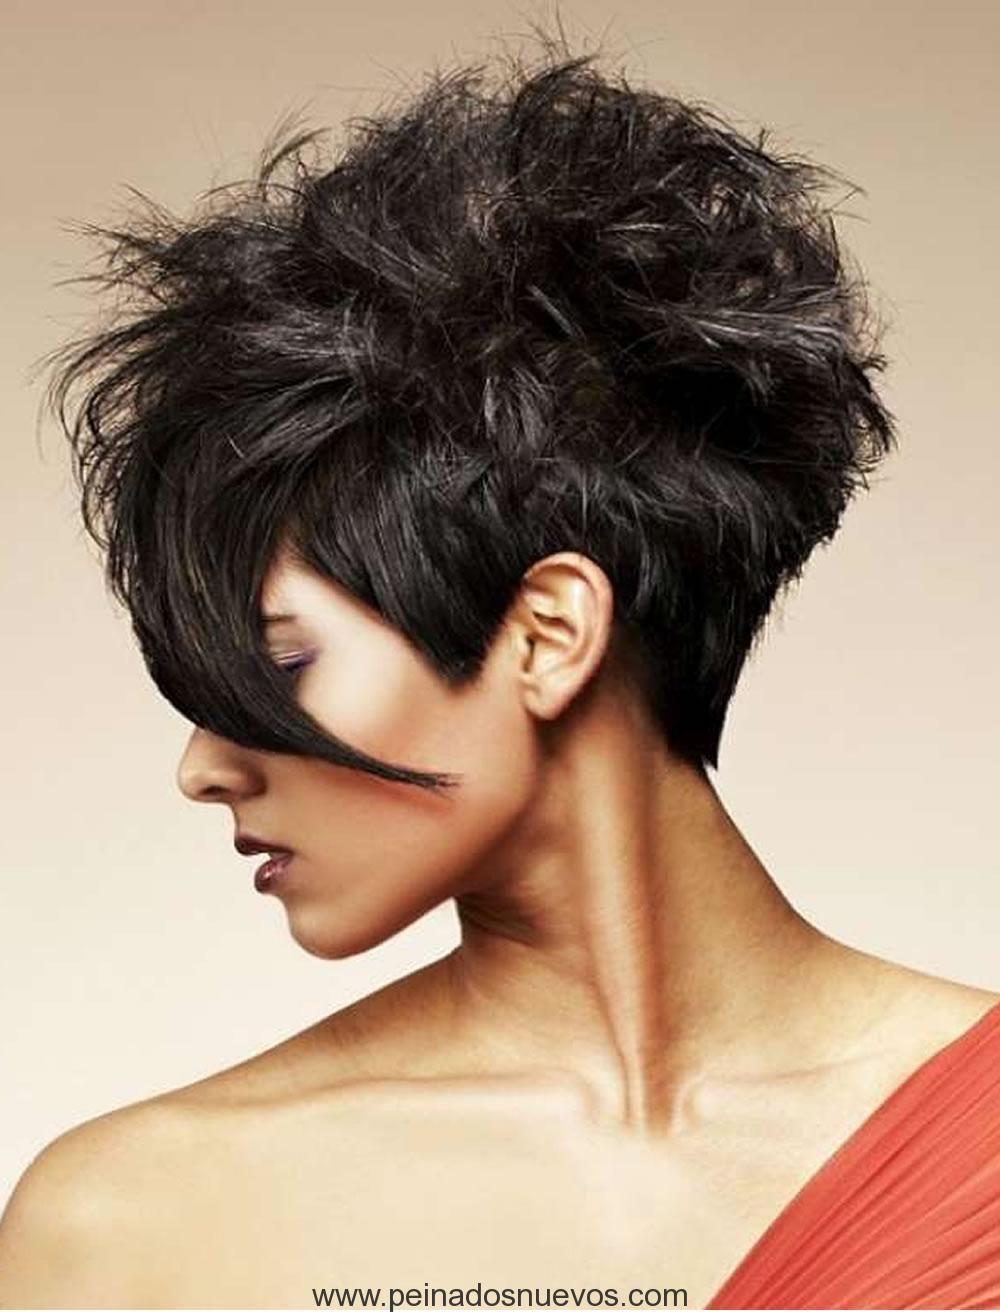 Pin On Peinados Populares